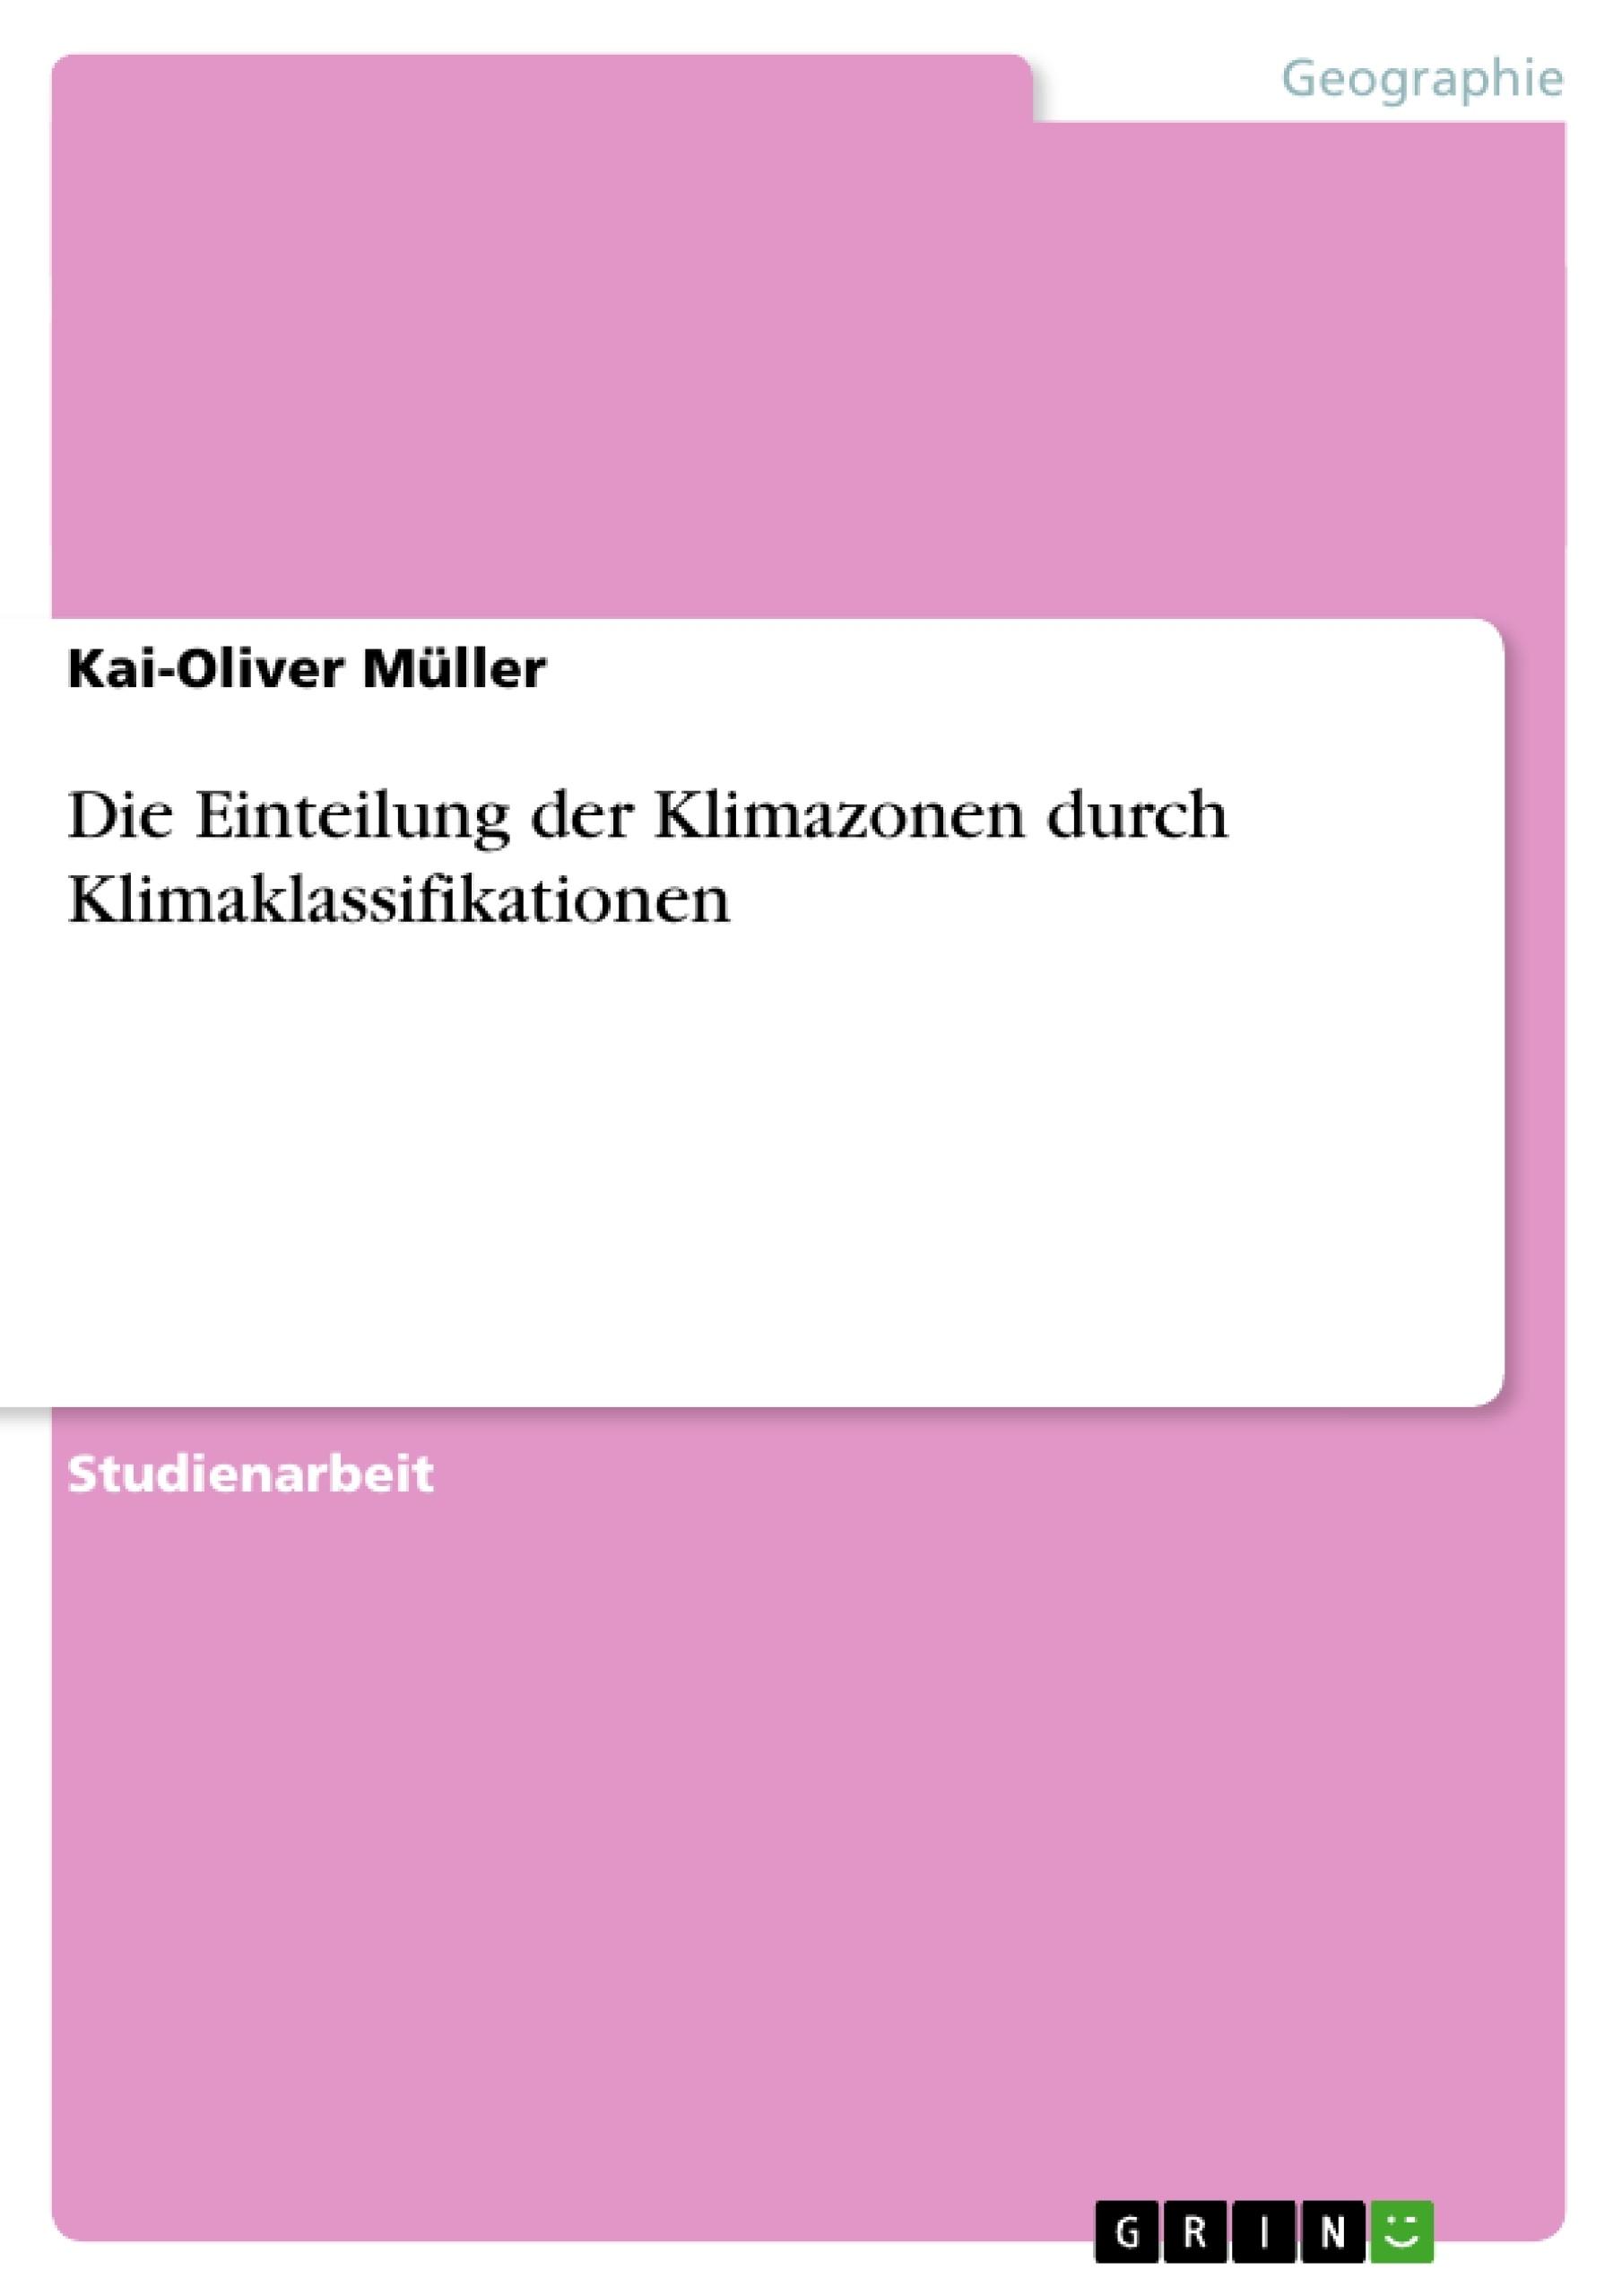 Titel: Die Einteilung der Klimazonen durch Klimaklassifikationen